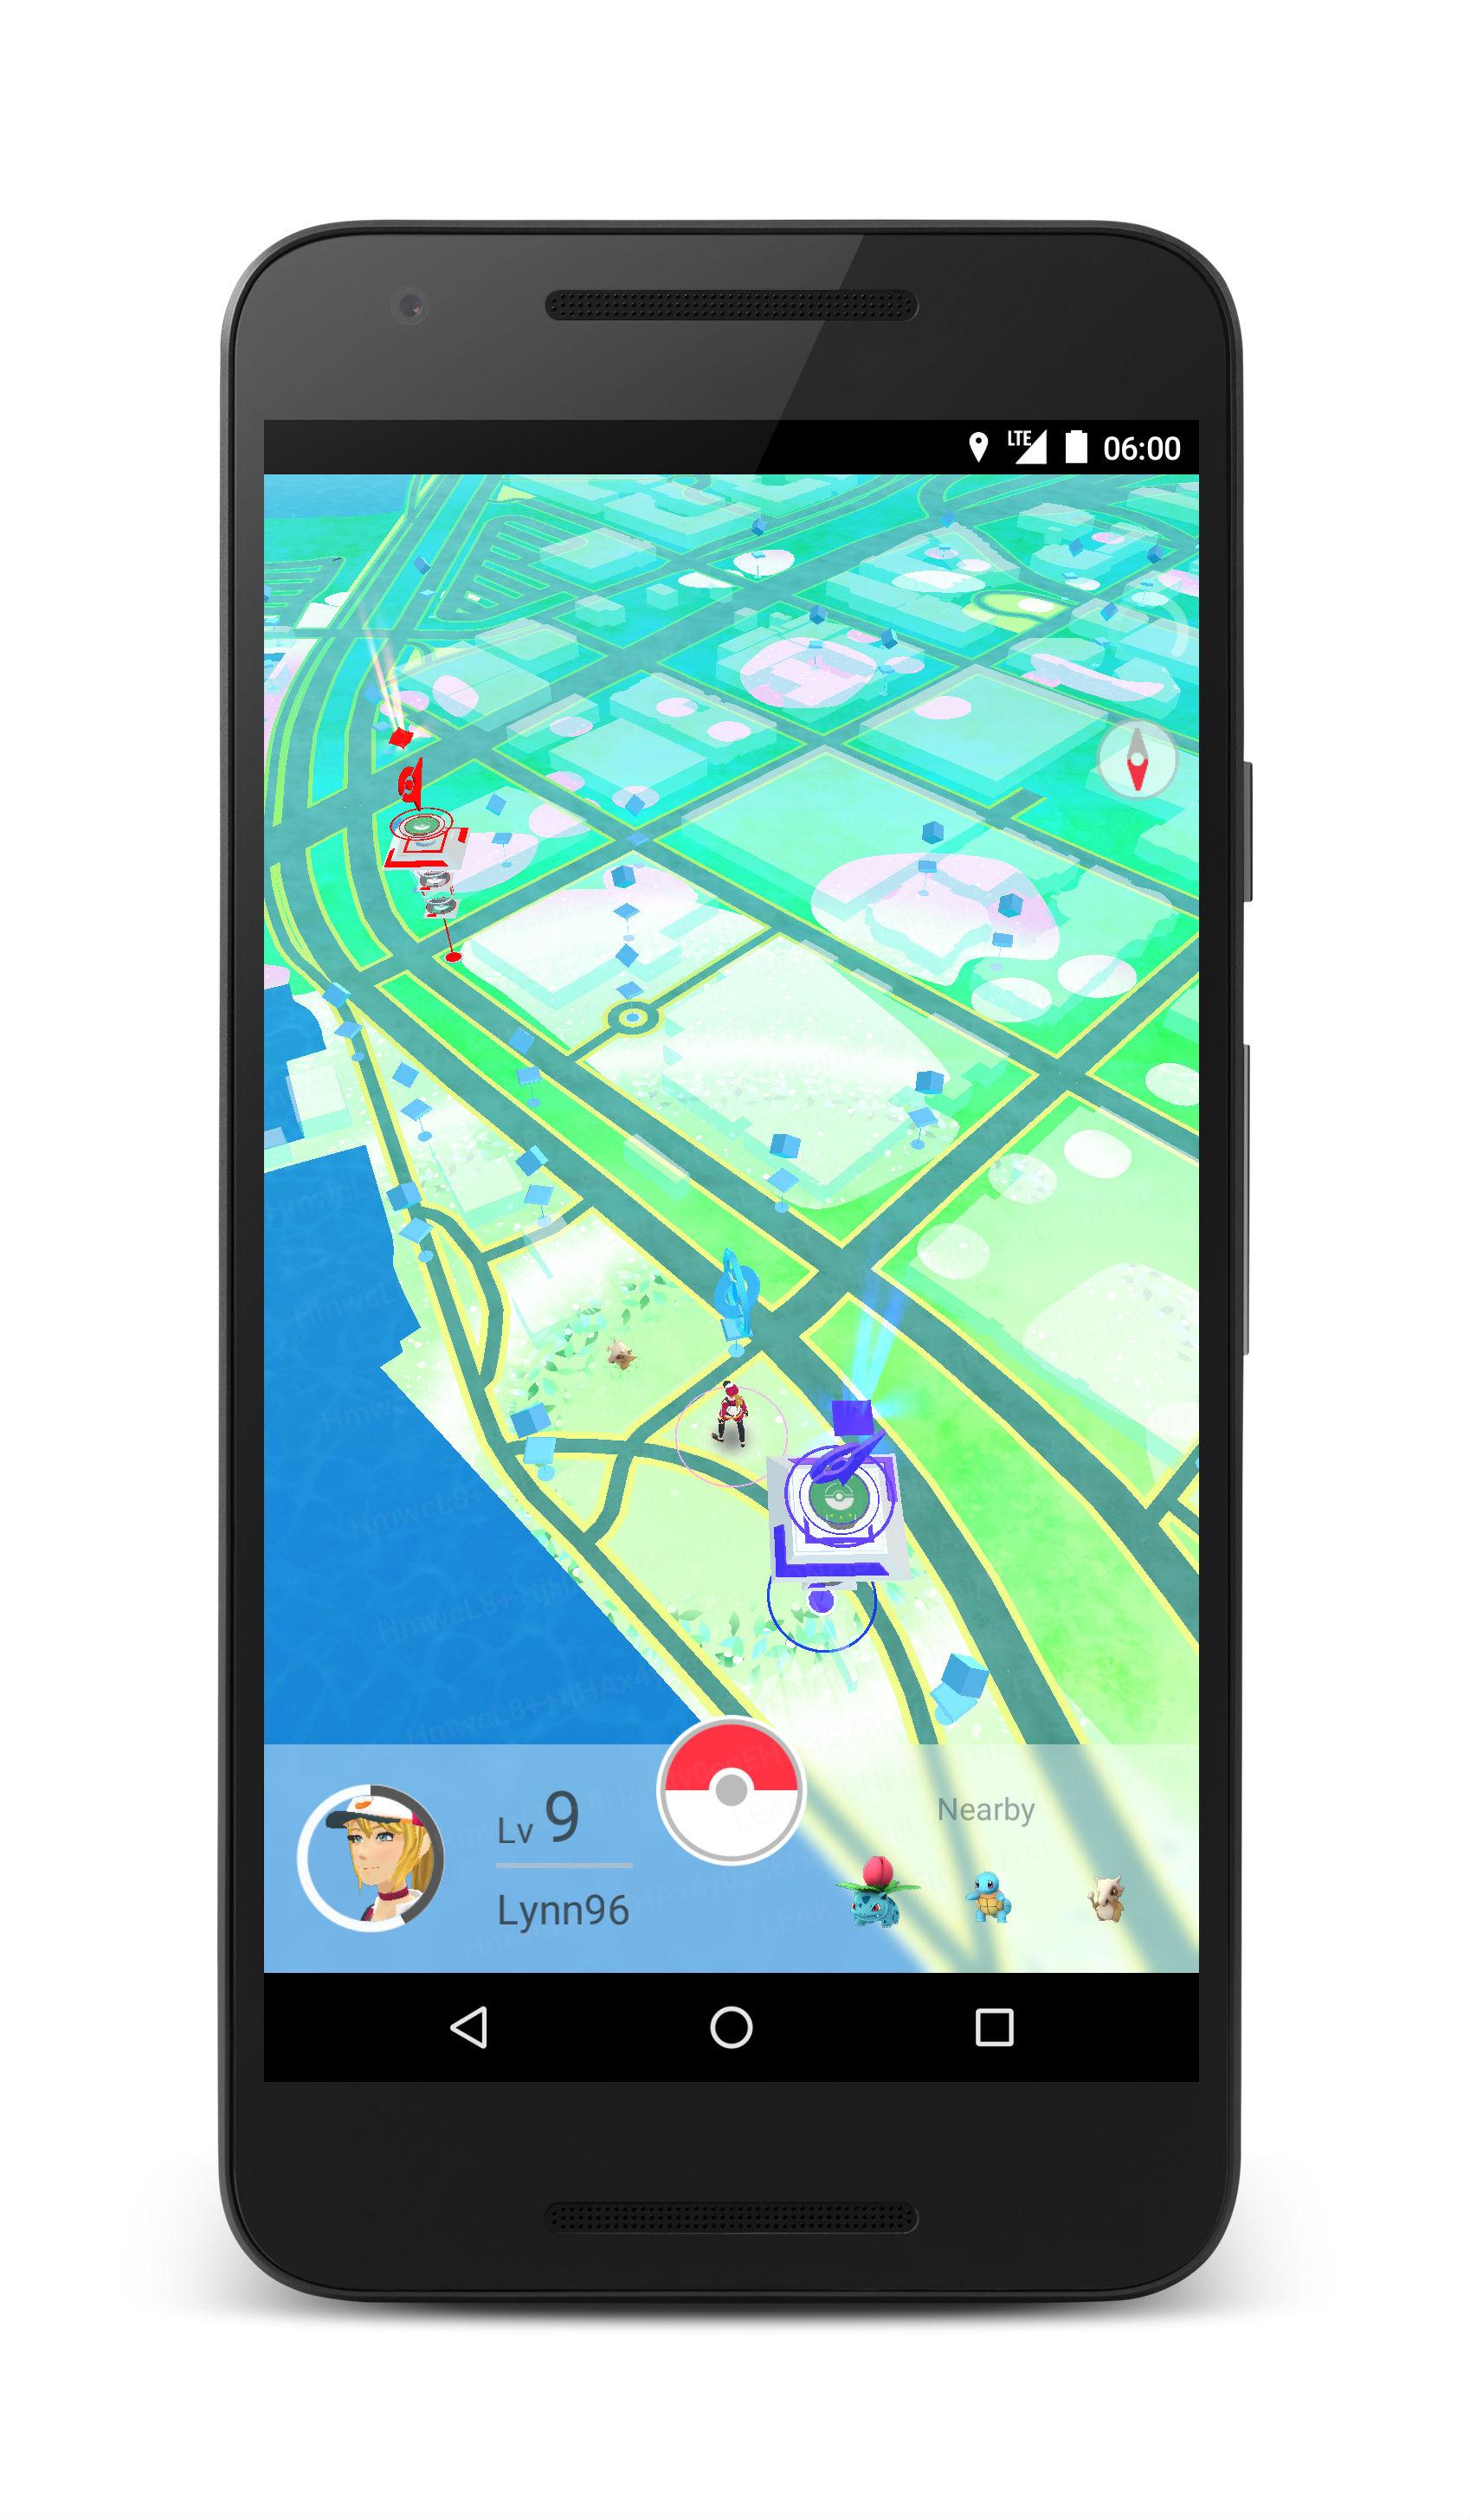 で、どんなゲームなの?」国内外で狂騒、『pokemon go』は実際こんな